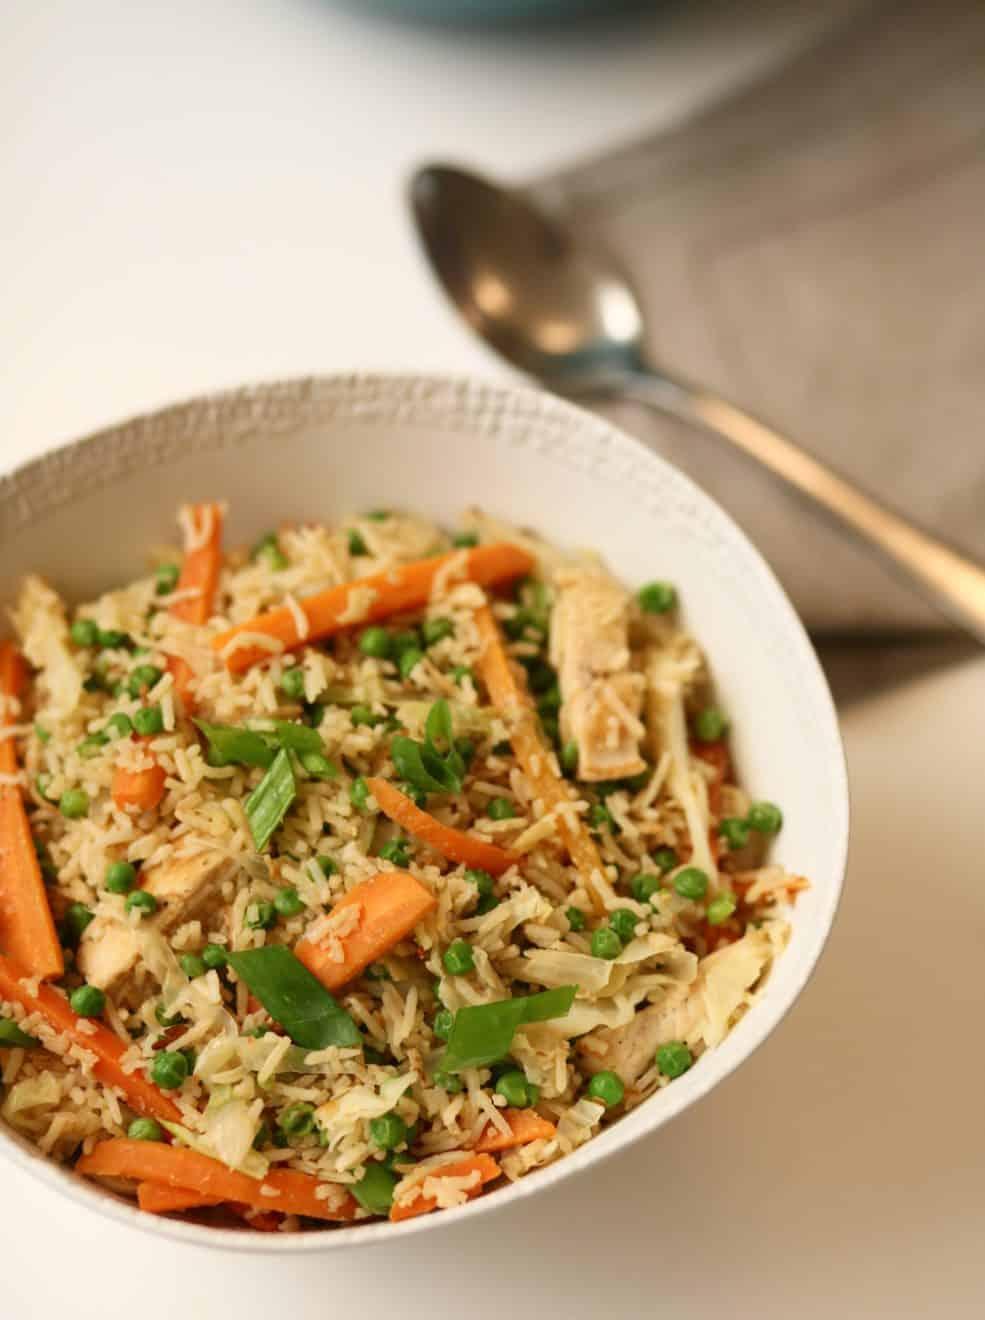 עוף מוקפץ עם אורז